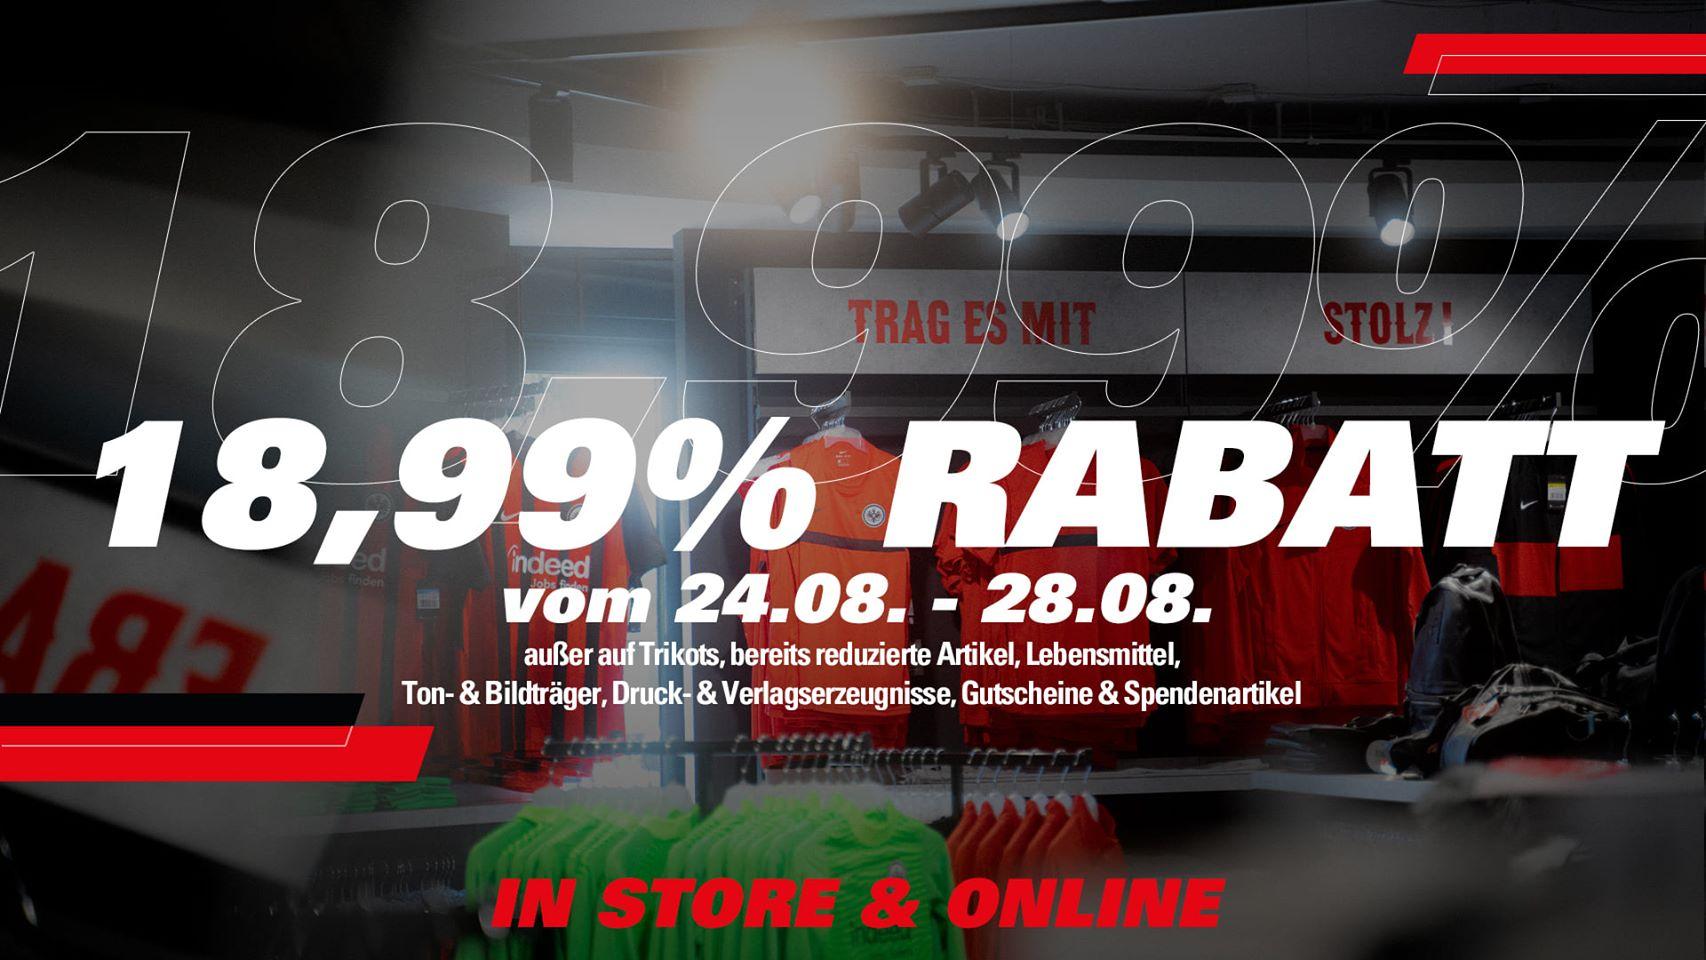 [Eintracht Frankfurt] 18,99% Rabatt im Fanshop (offline und online)